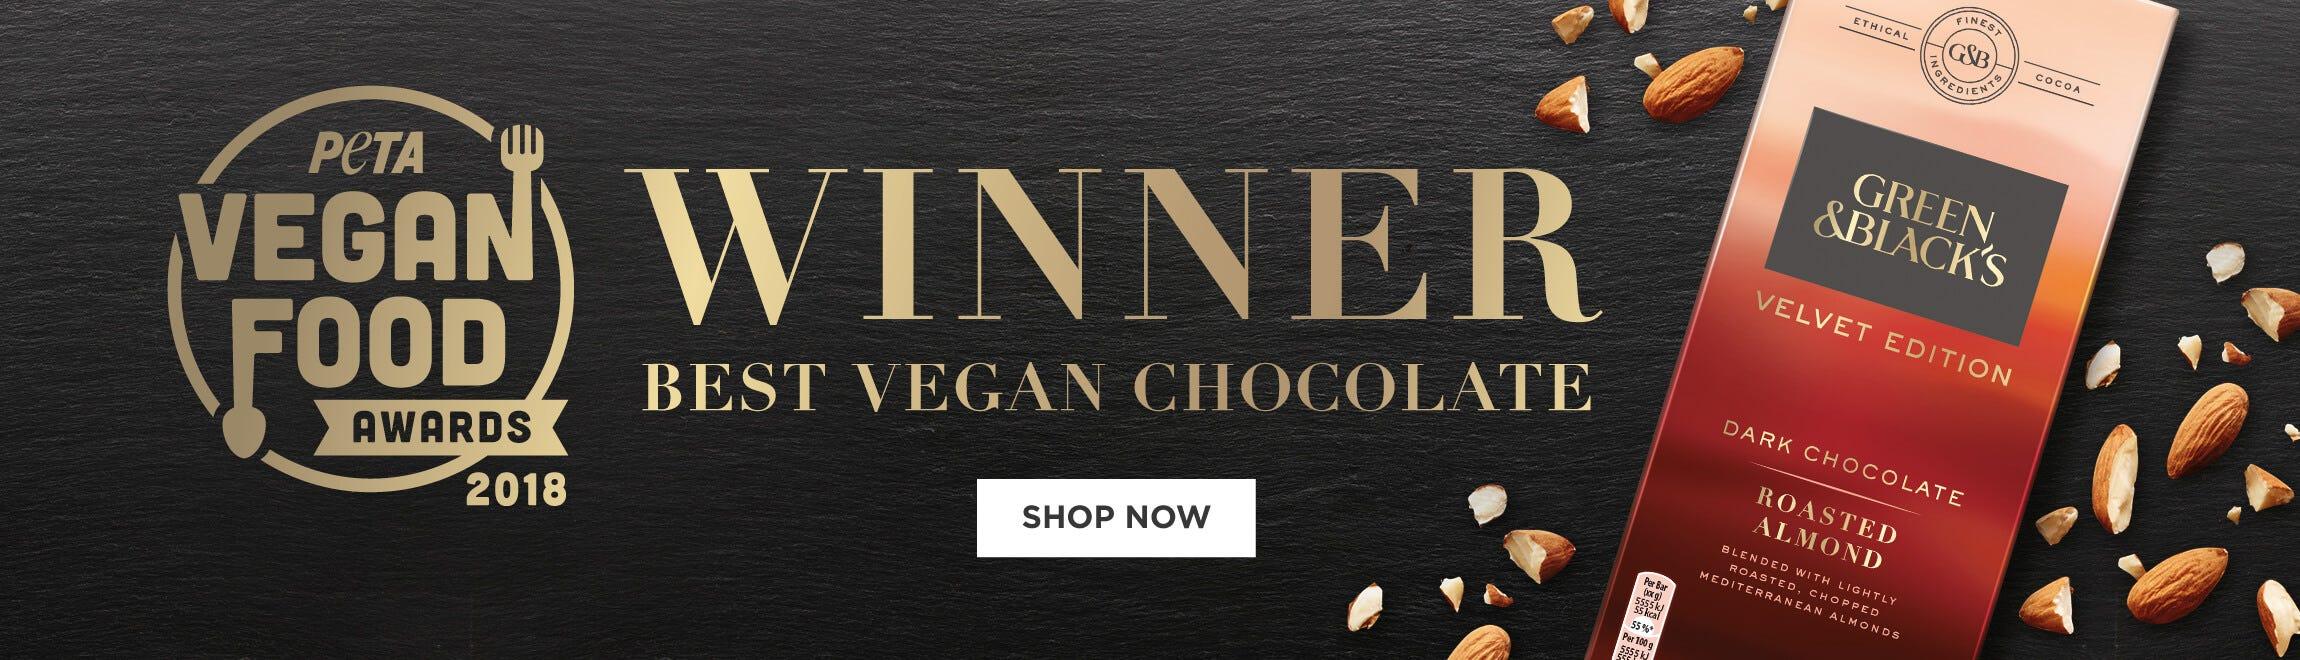 Green & Blacks Vega Peta Award 2018